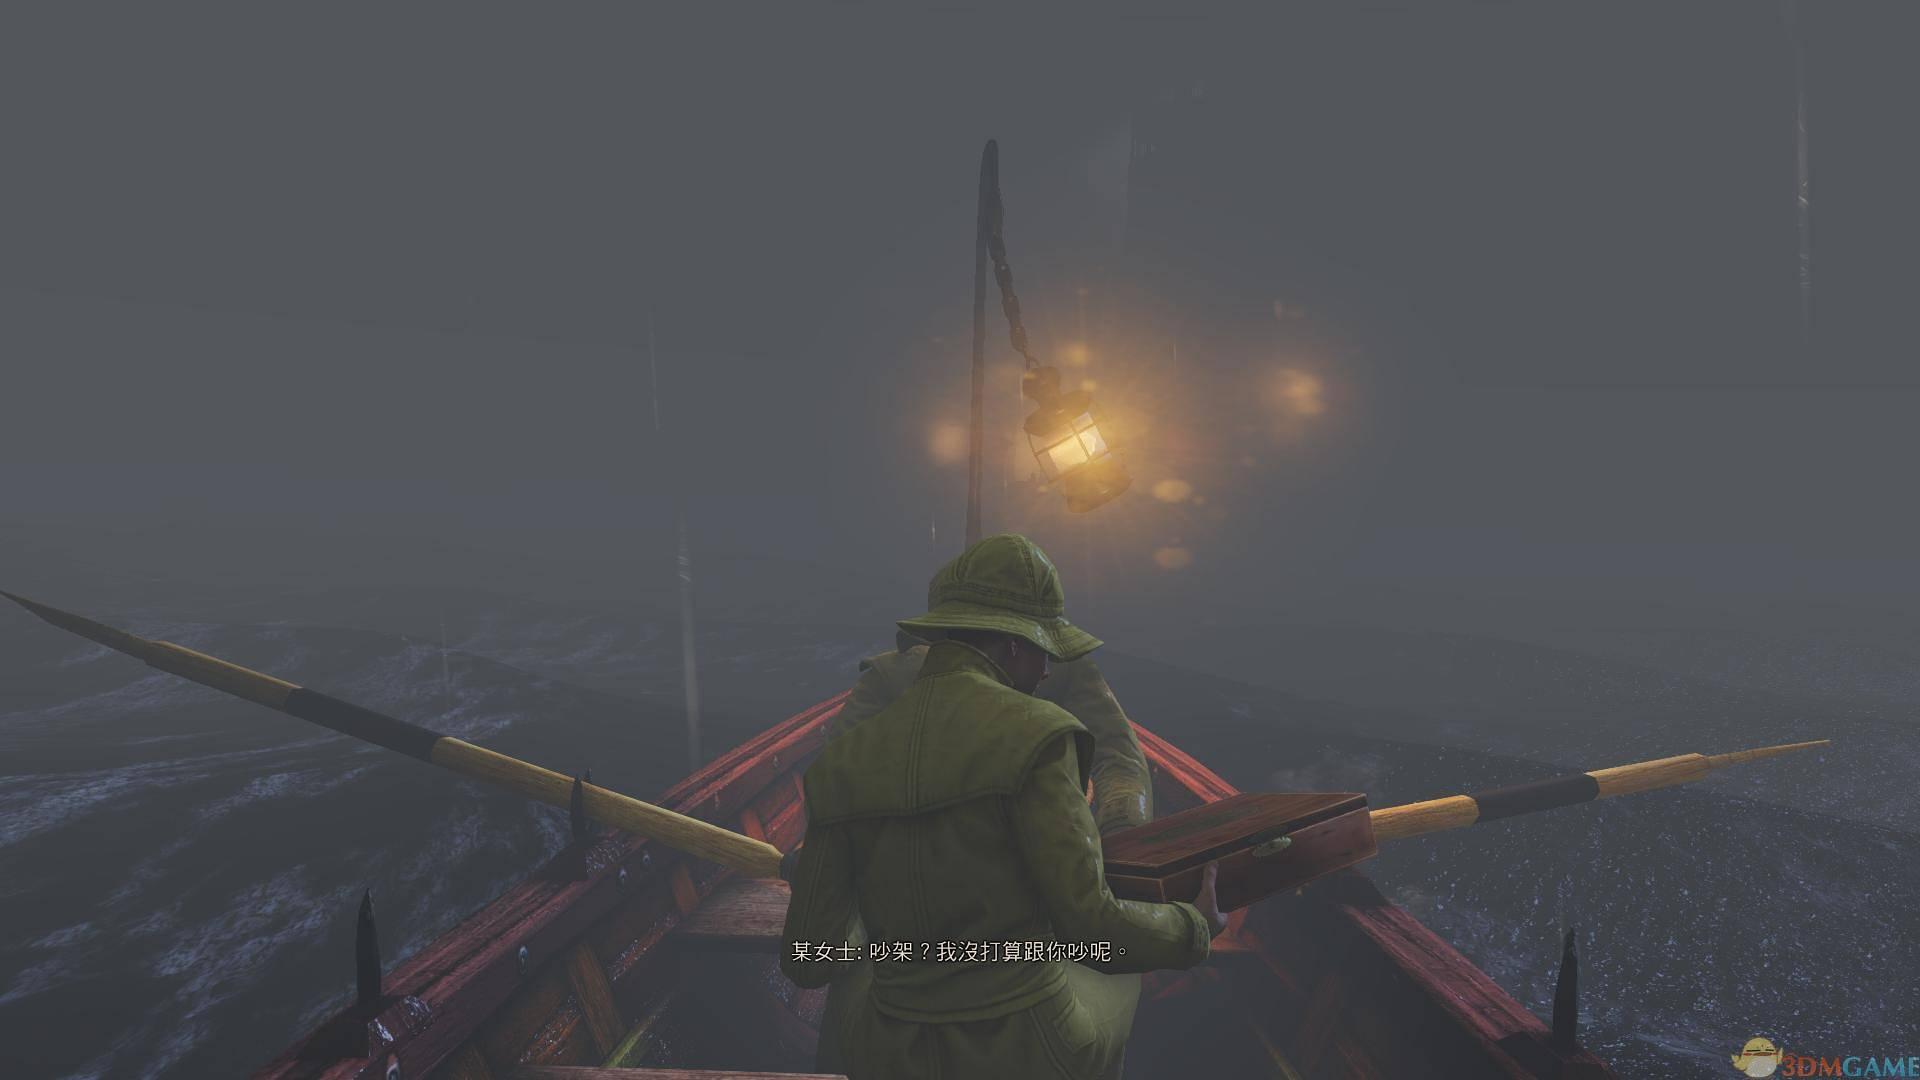 生化奇兵3:无限 7号升级档+破解补丁[3DM]